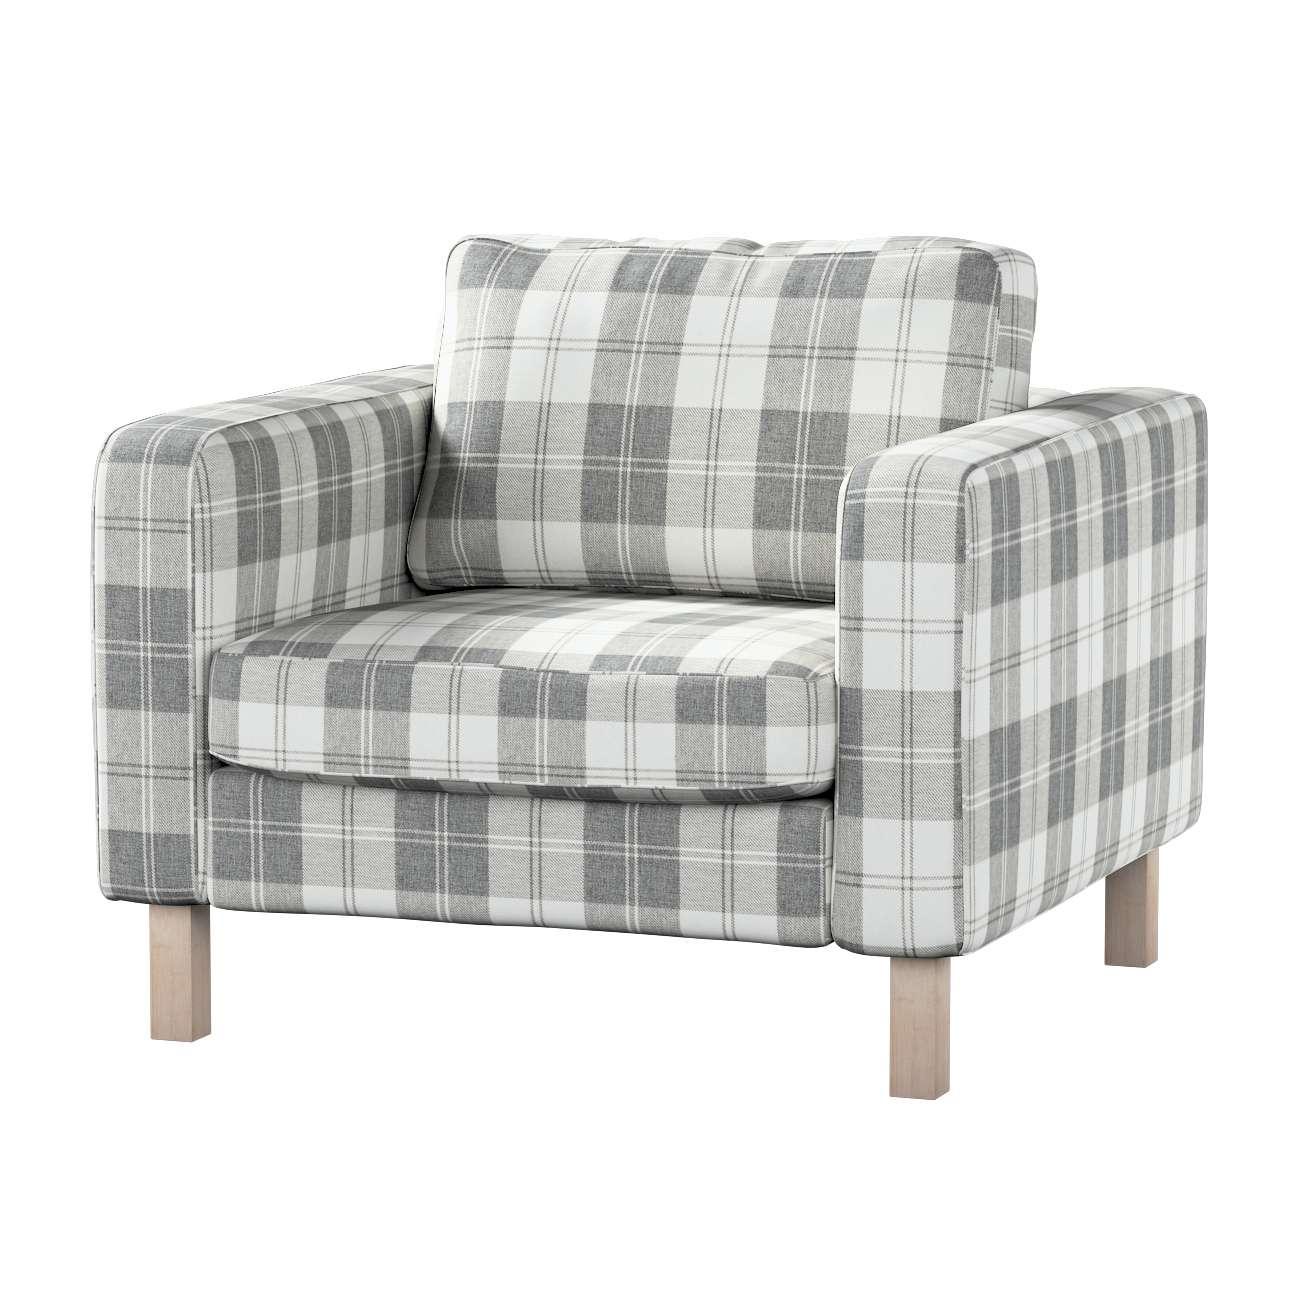 Karlstad päällinen nojatuoli mallistosta Edinburgh, Kangas: 115-79